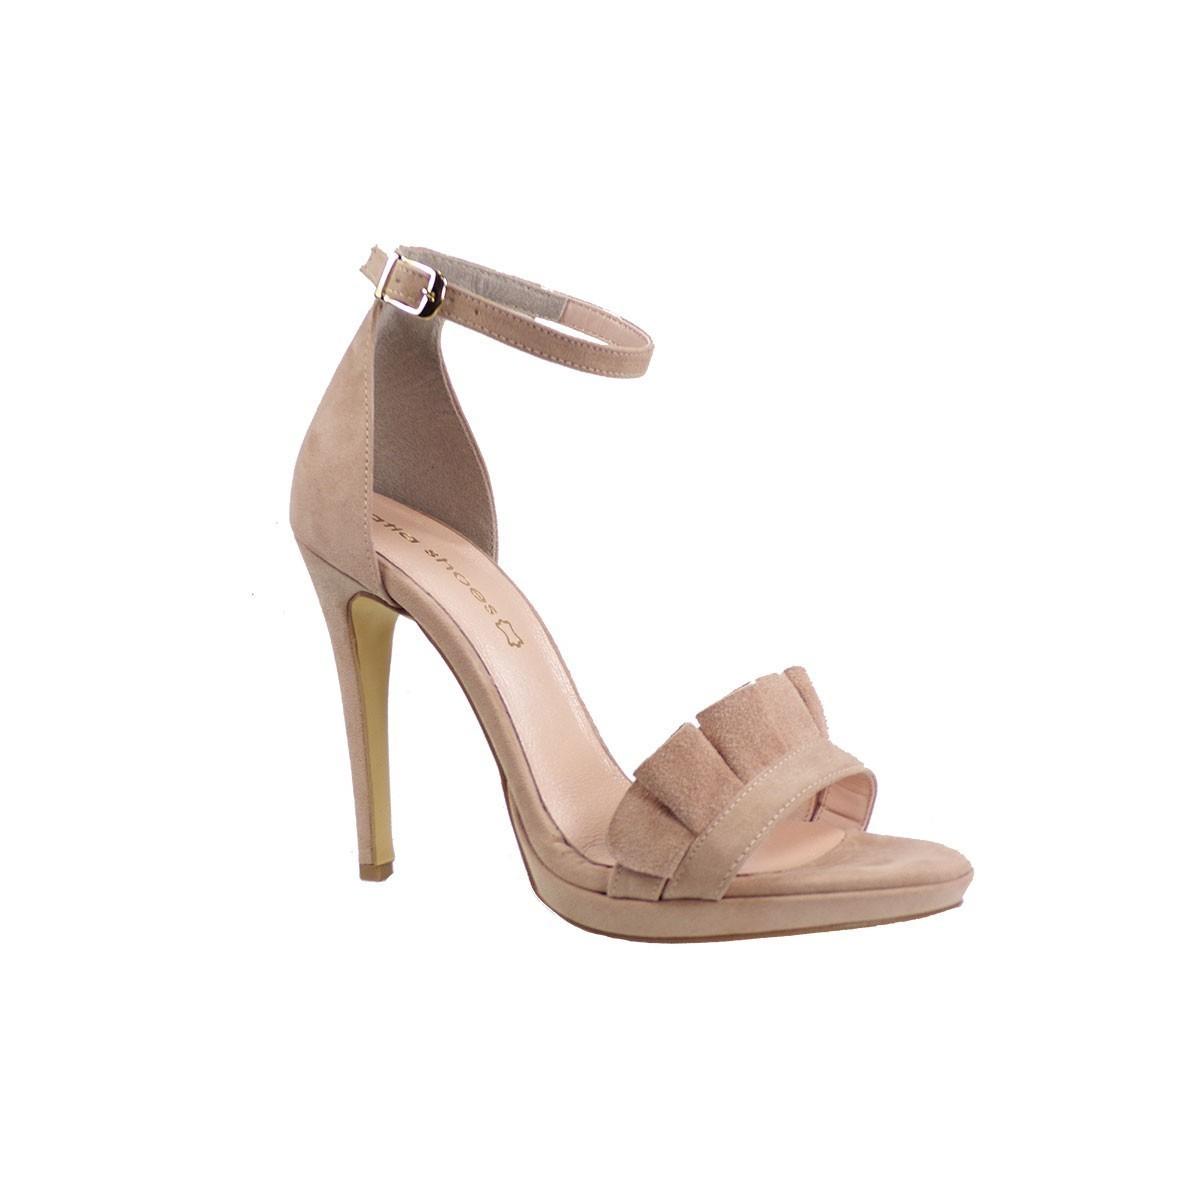 Katia Shoes Γυναικεία Παπούτσια Πέδιλα 60-4923 Nude Καστόρι